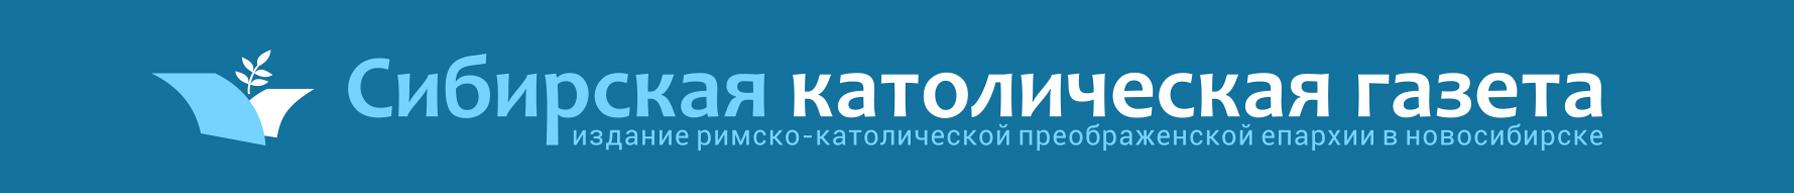 """""""Сибирская католическая газета"""""""